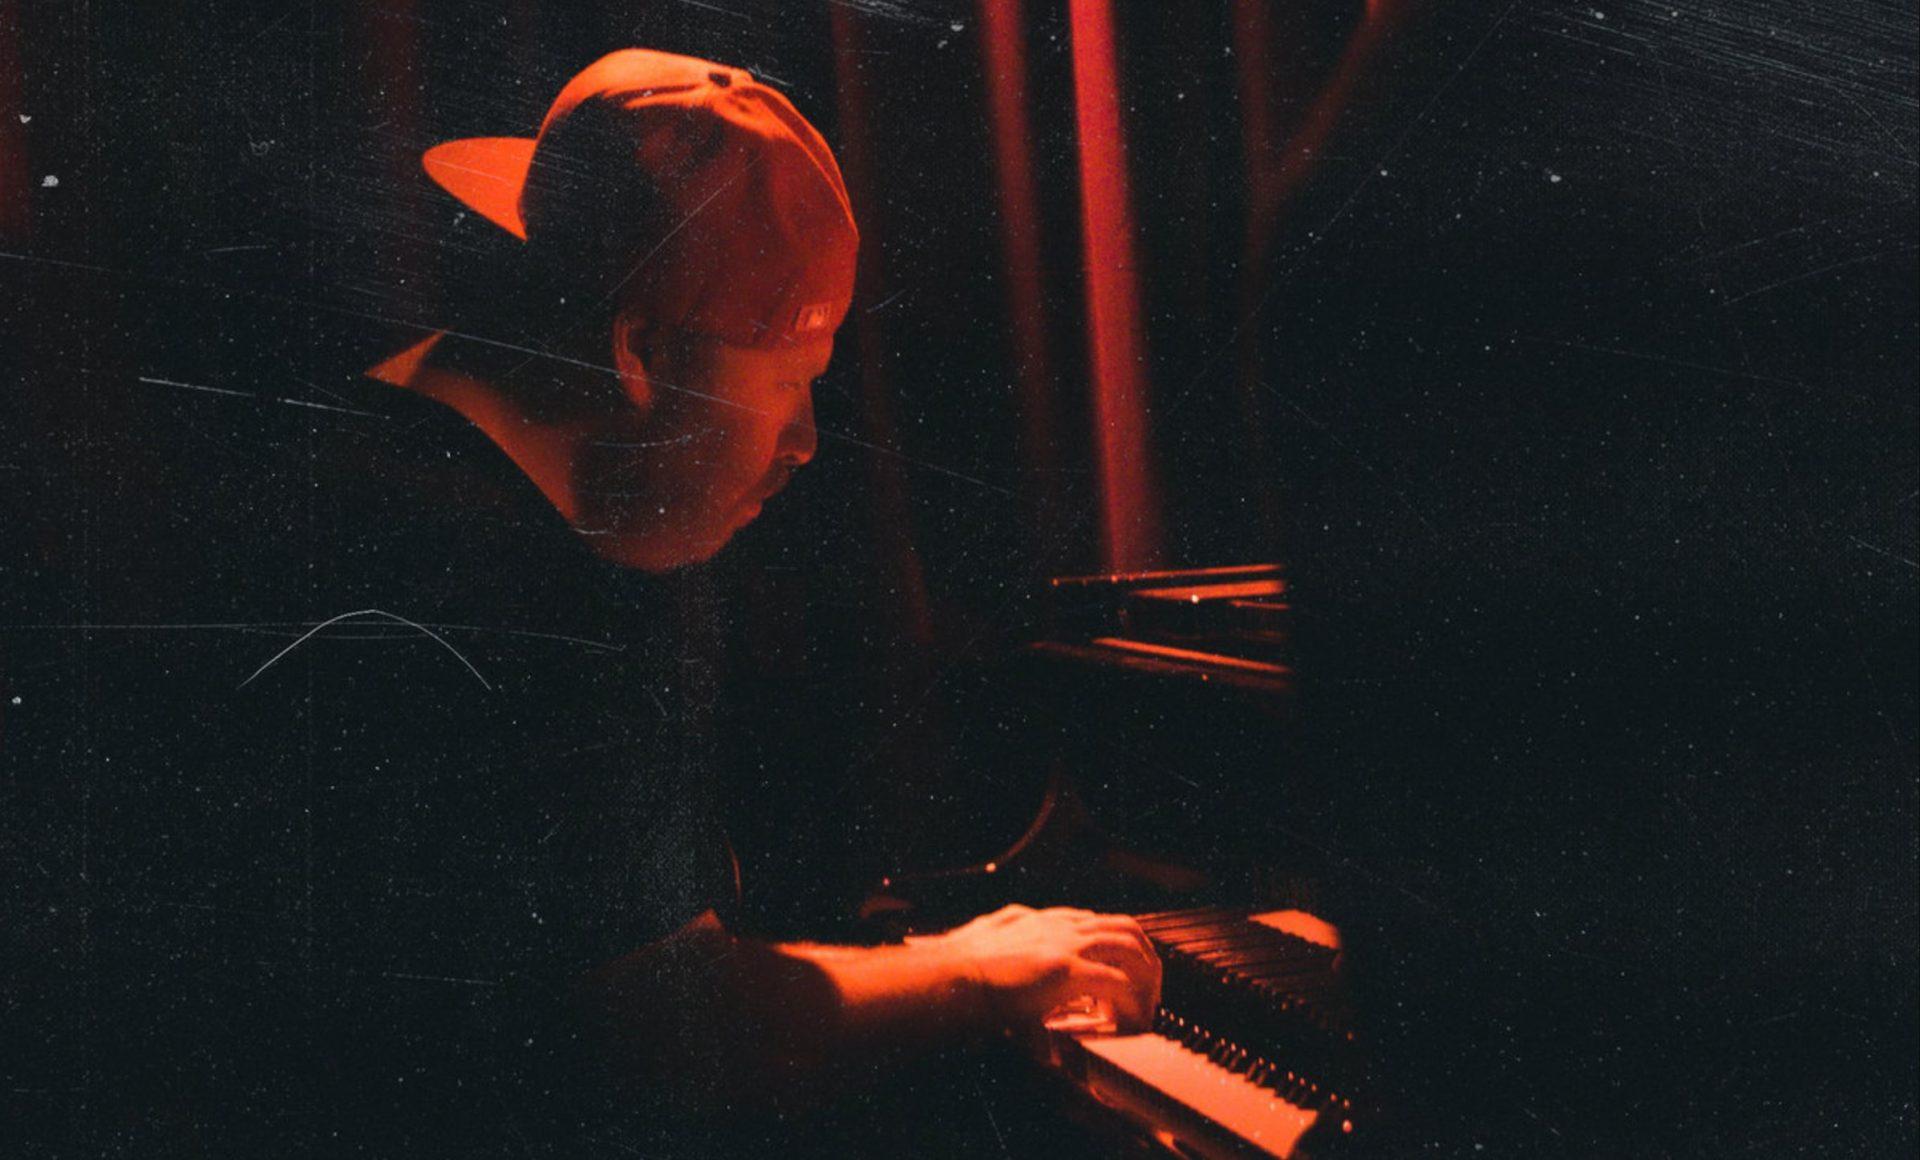 New Finds / No Words: Buckwild, L'Orange, Boora, Slum Village (Jazz Spastiks Remix), The Streets, Beatnick Dee